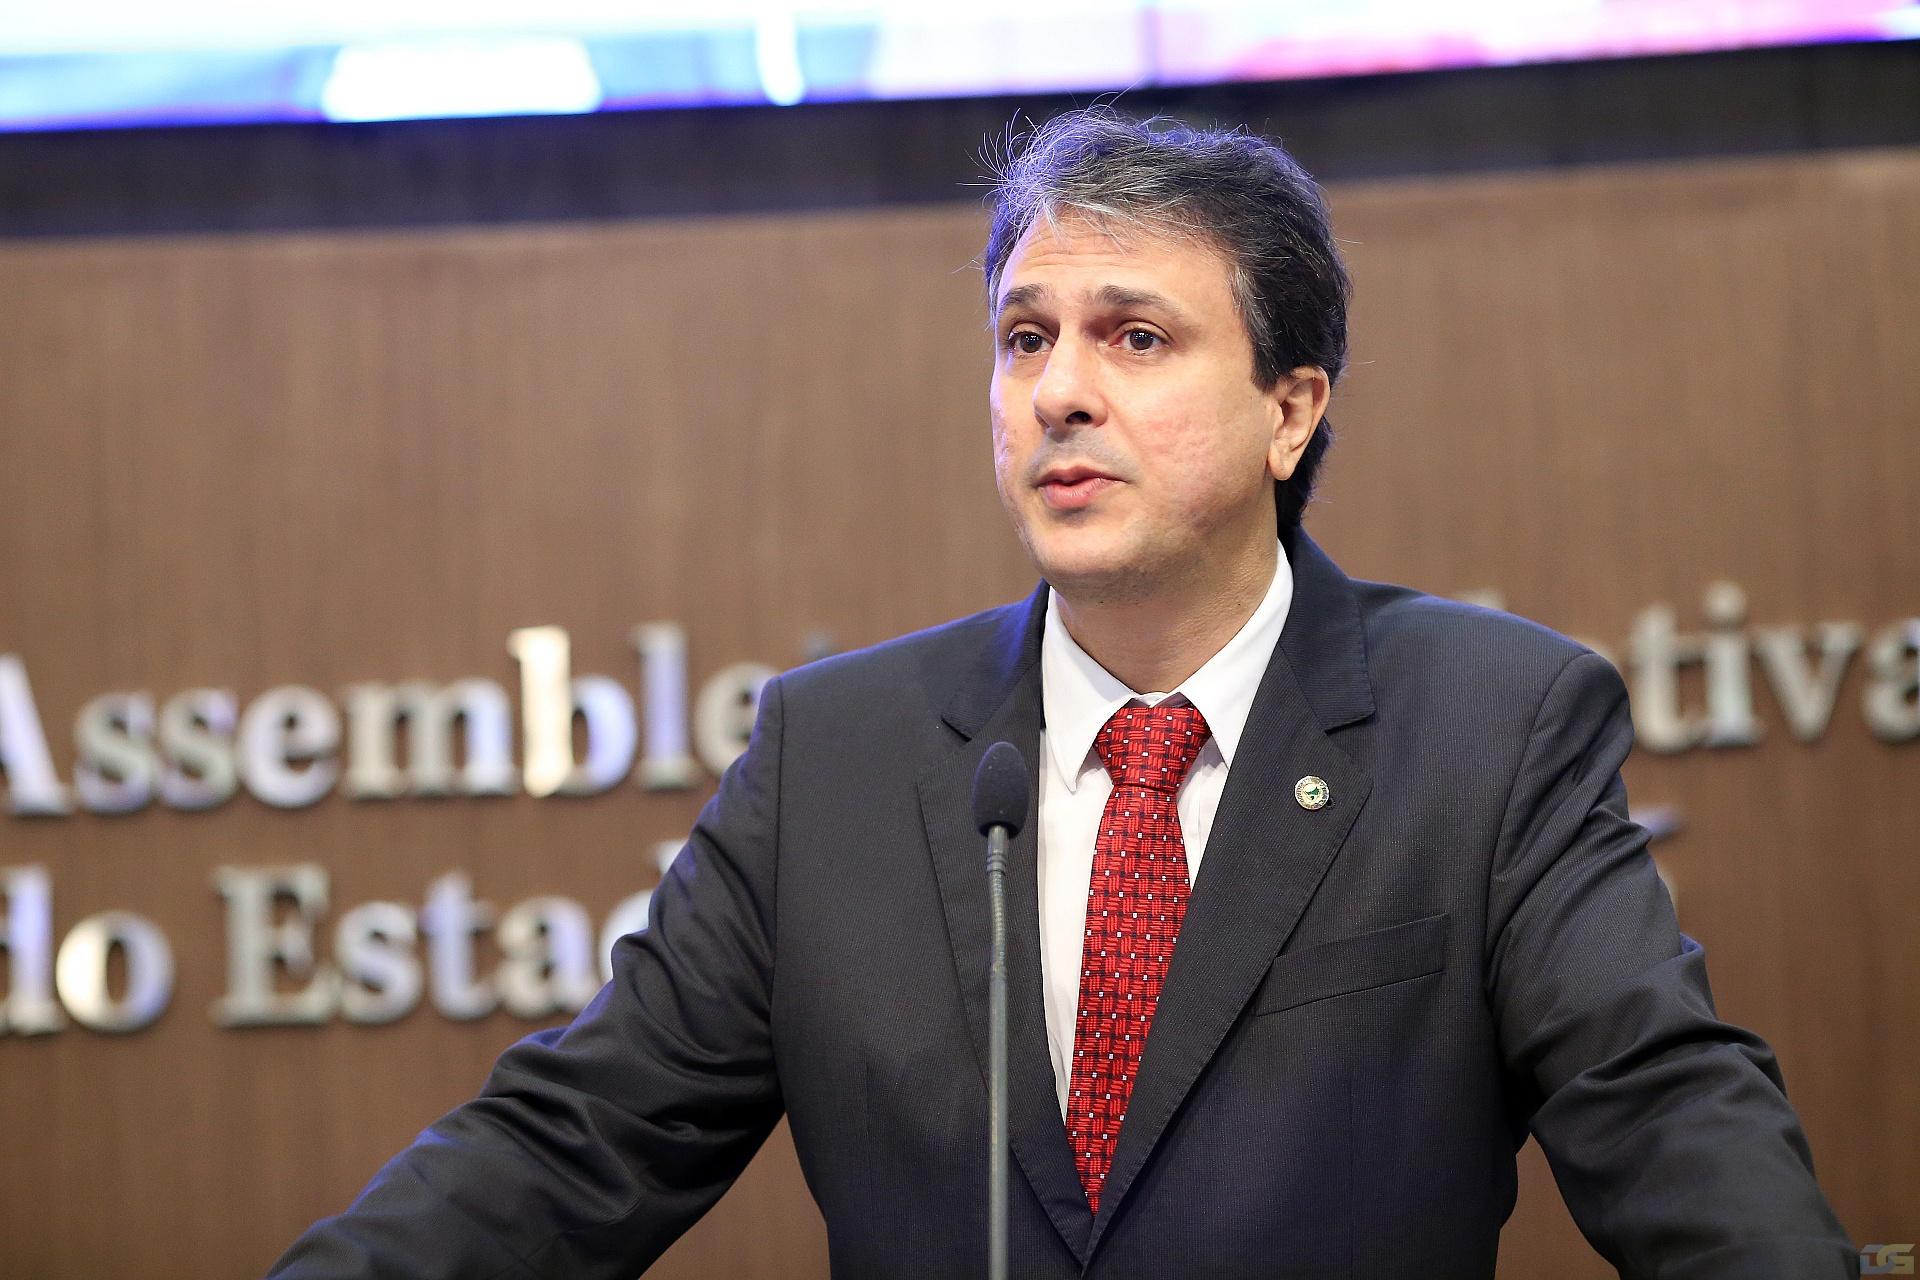 Camilo Santana solicita apoio da Força Nacional para conter crise em presídios